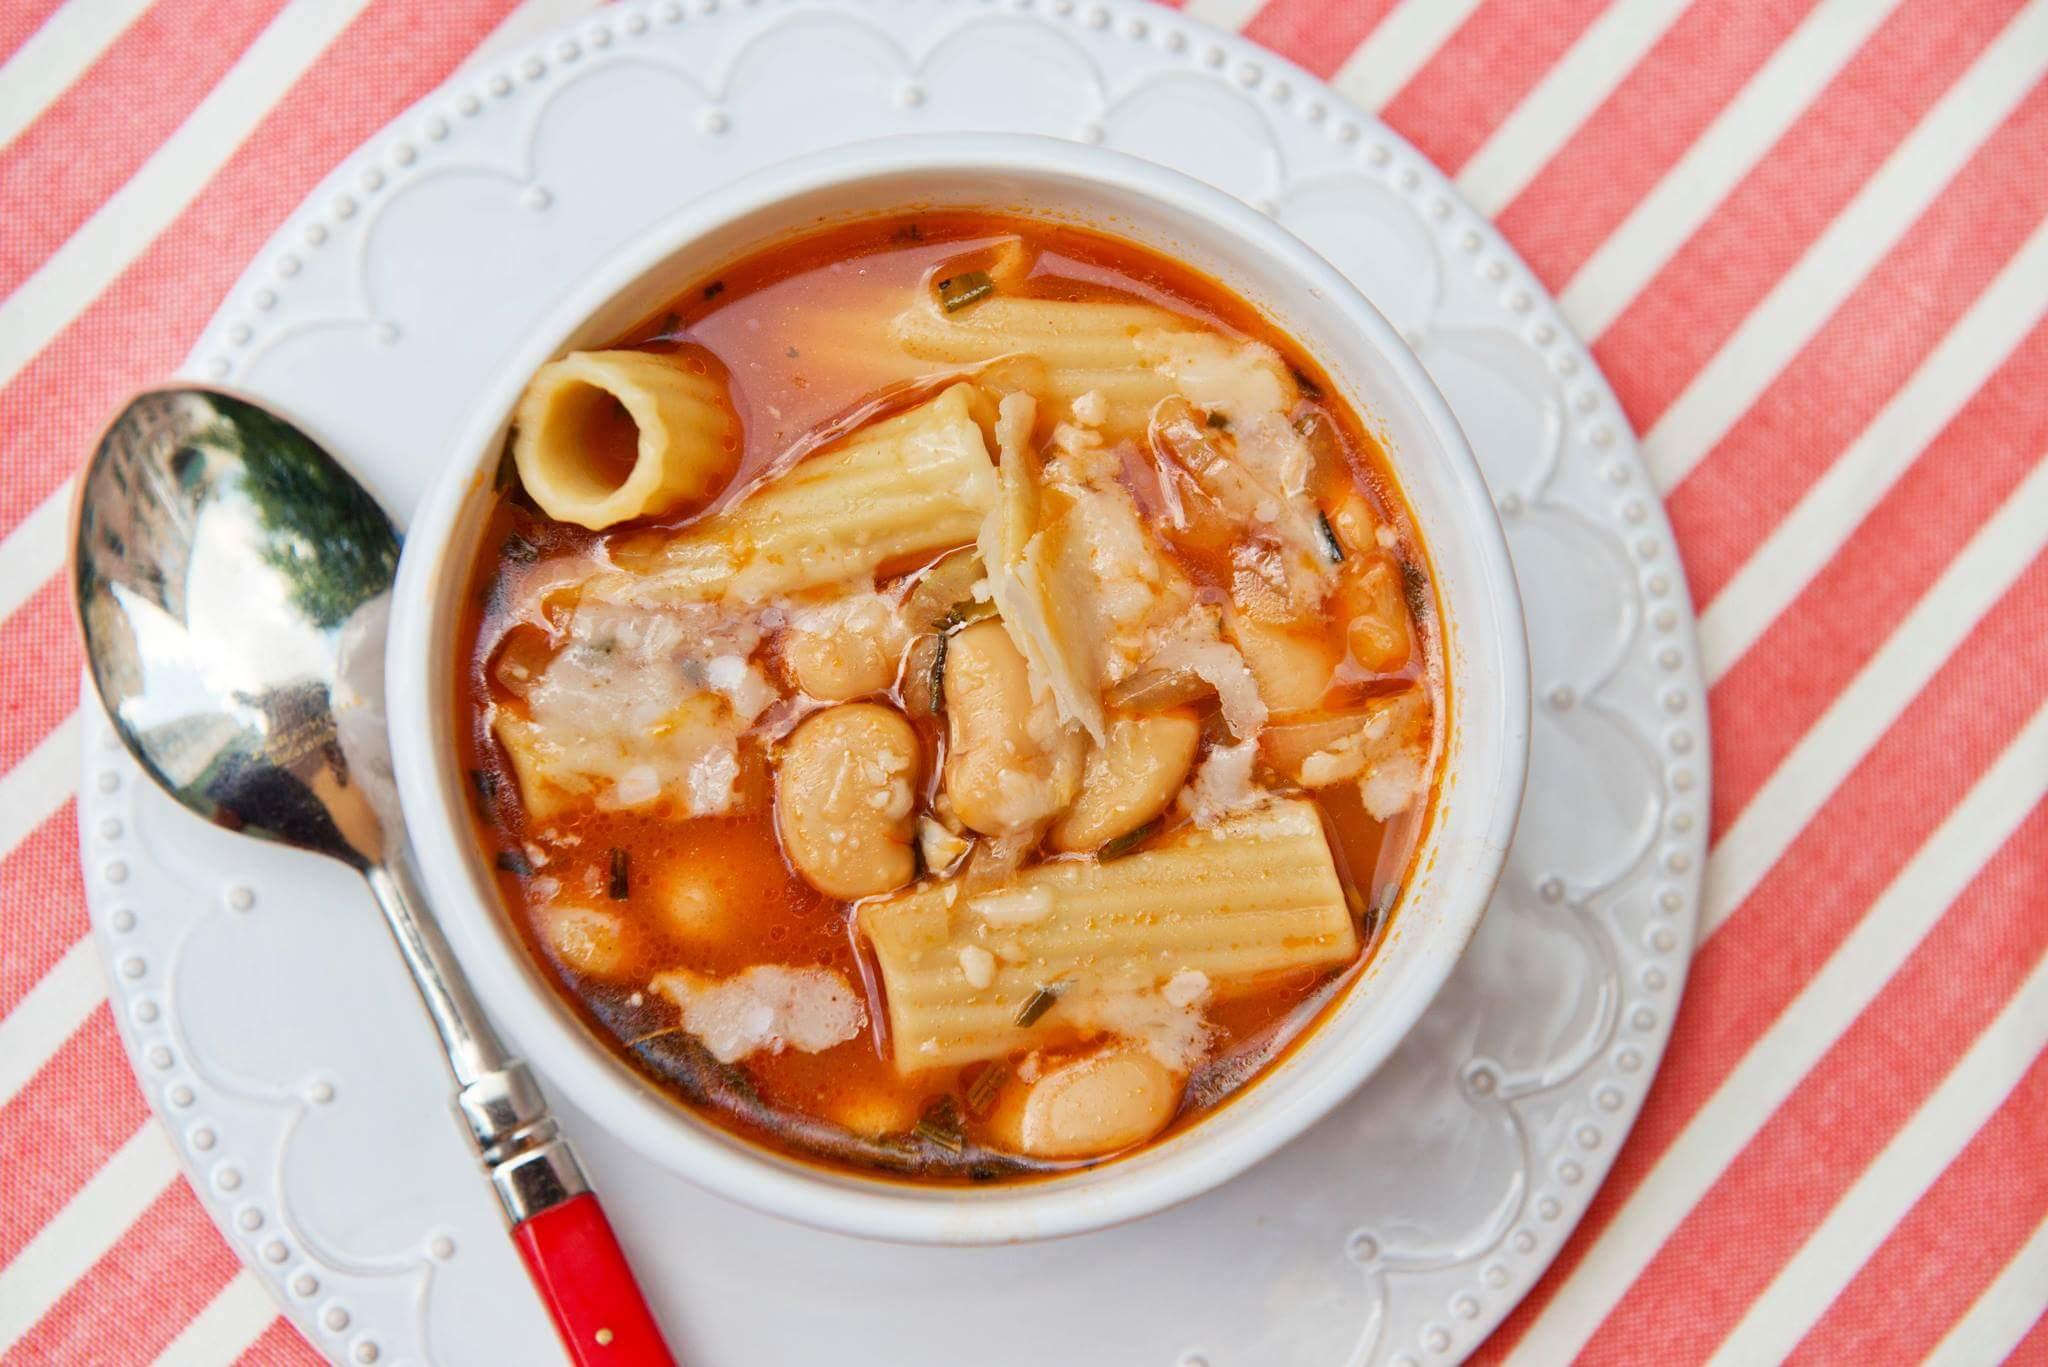 Тосканский суп по рецепту Делии Смит